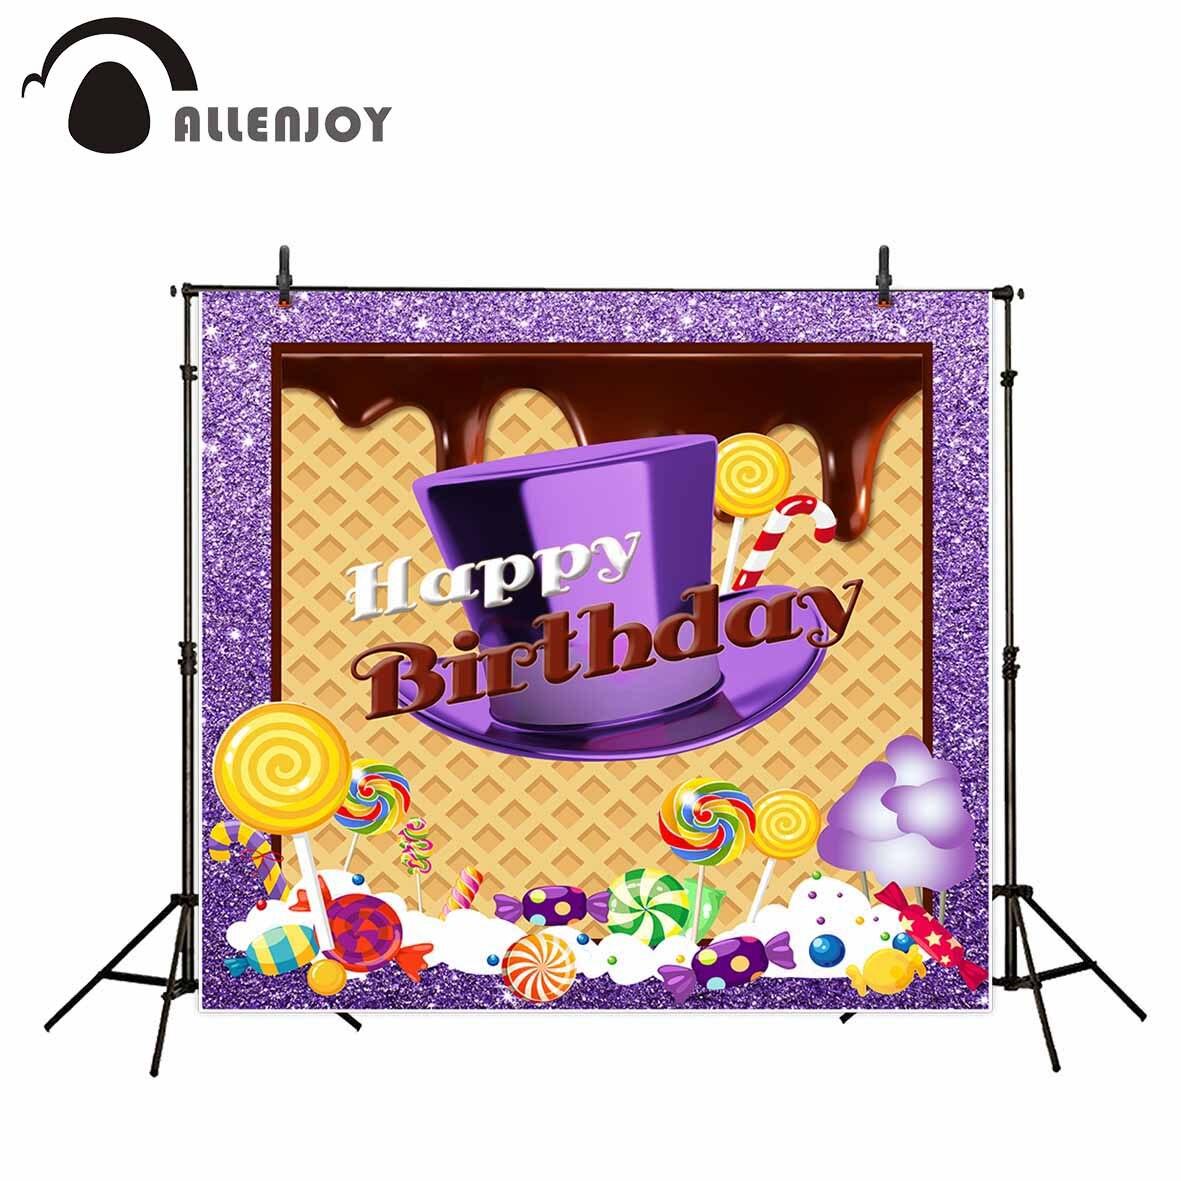 Allenjoy fotografia sfondo Viola di cortesia muffin candy Compleanno a tema sfondo studio fotografico nuovo disegno della macchina fotografica fotografica